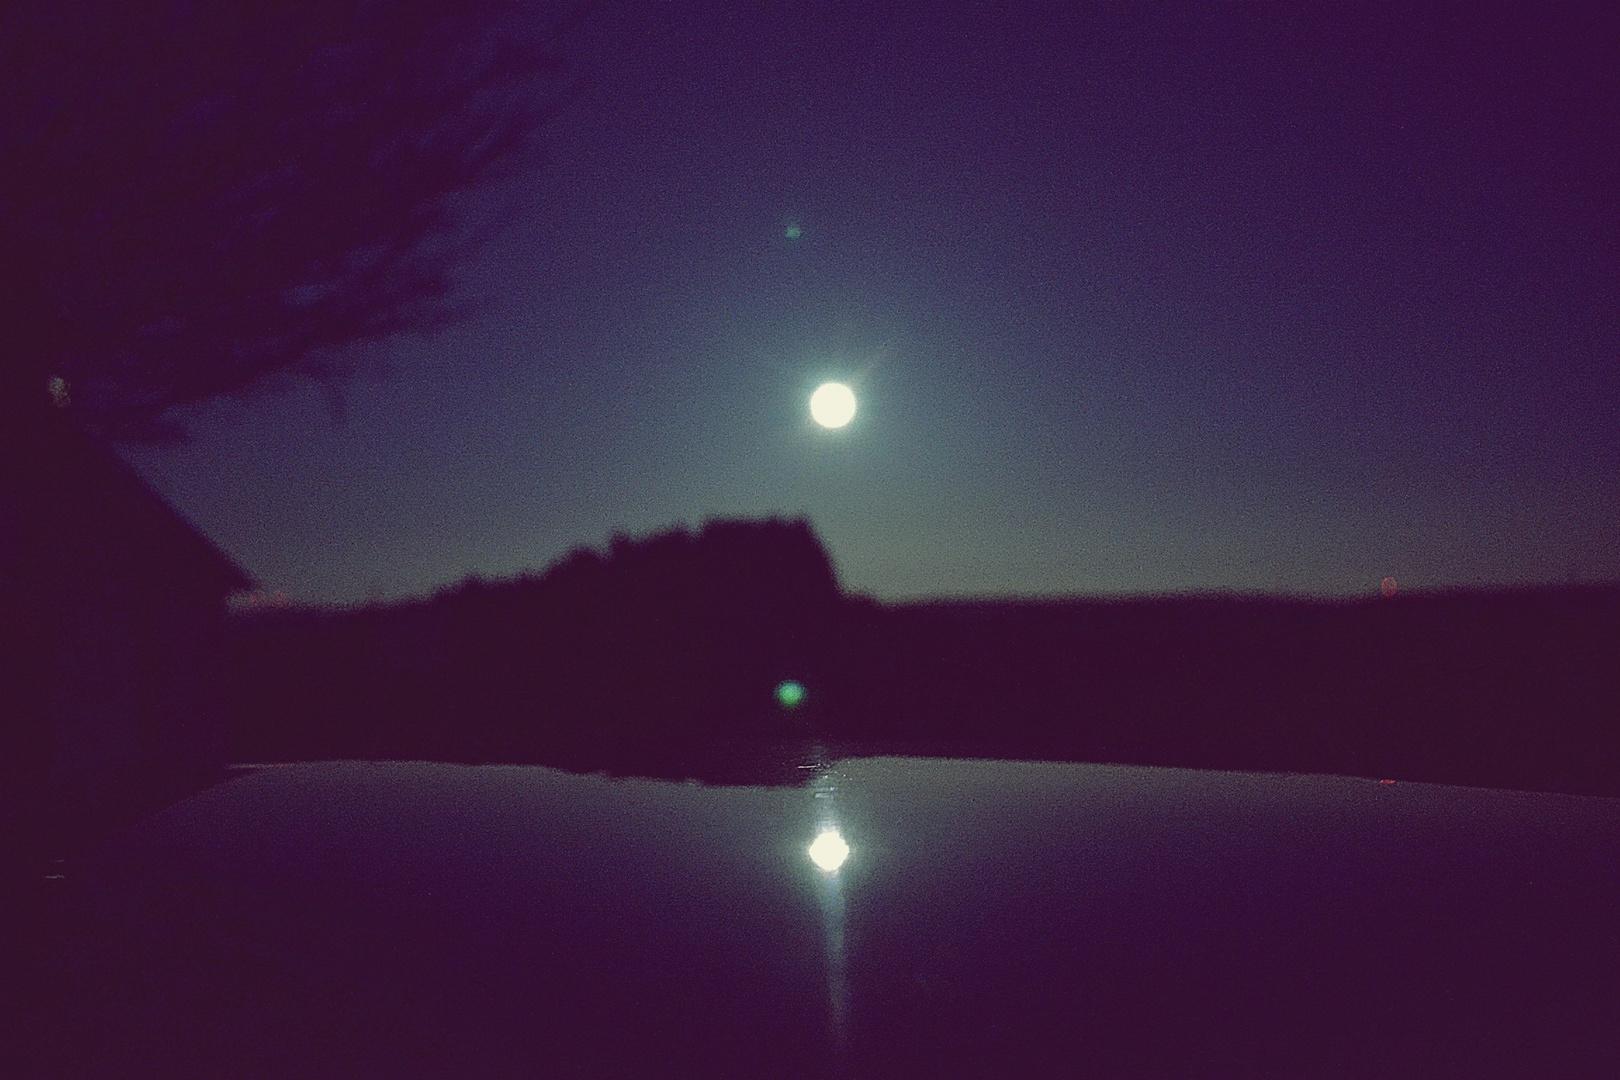 Der Mond - & ne optische Täuschung